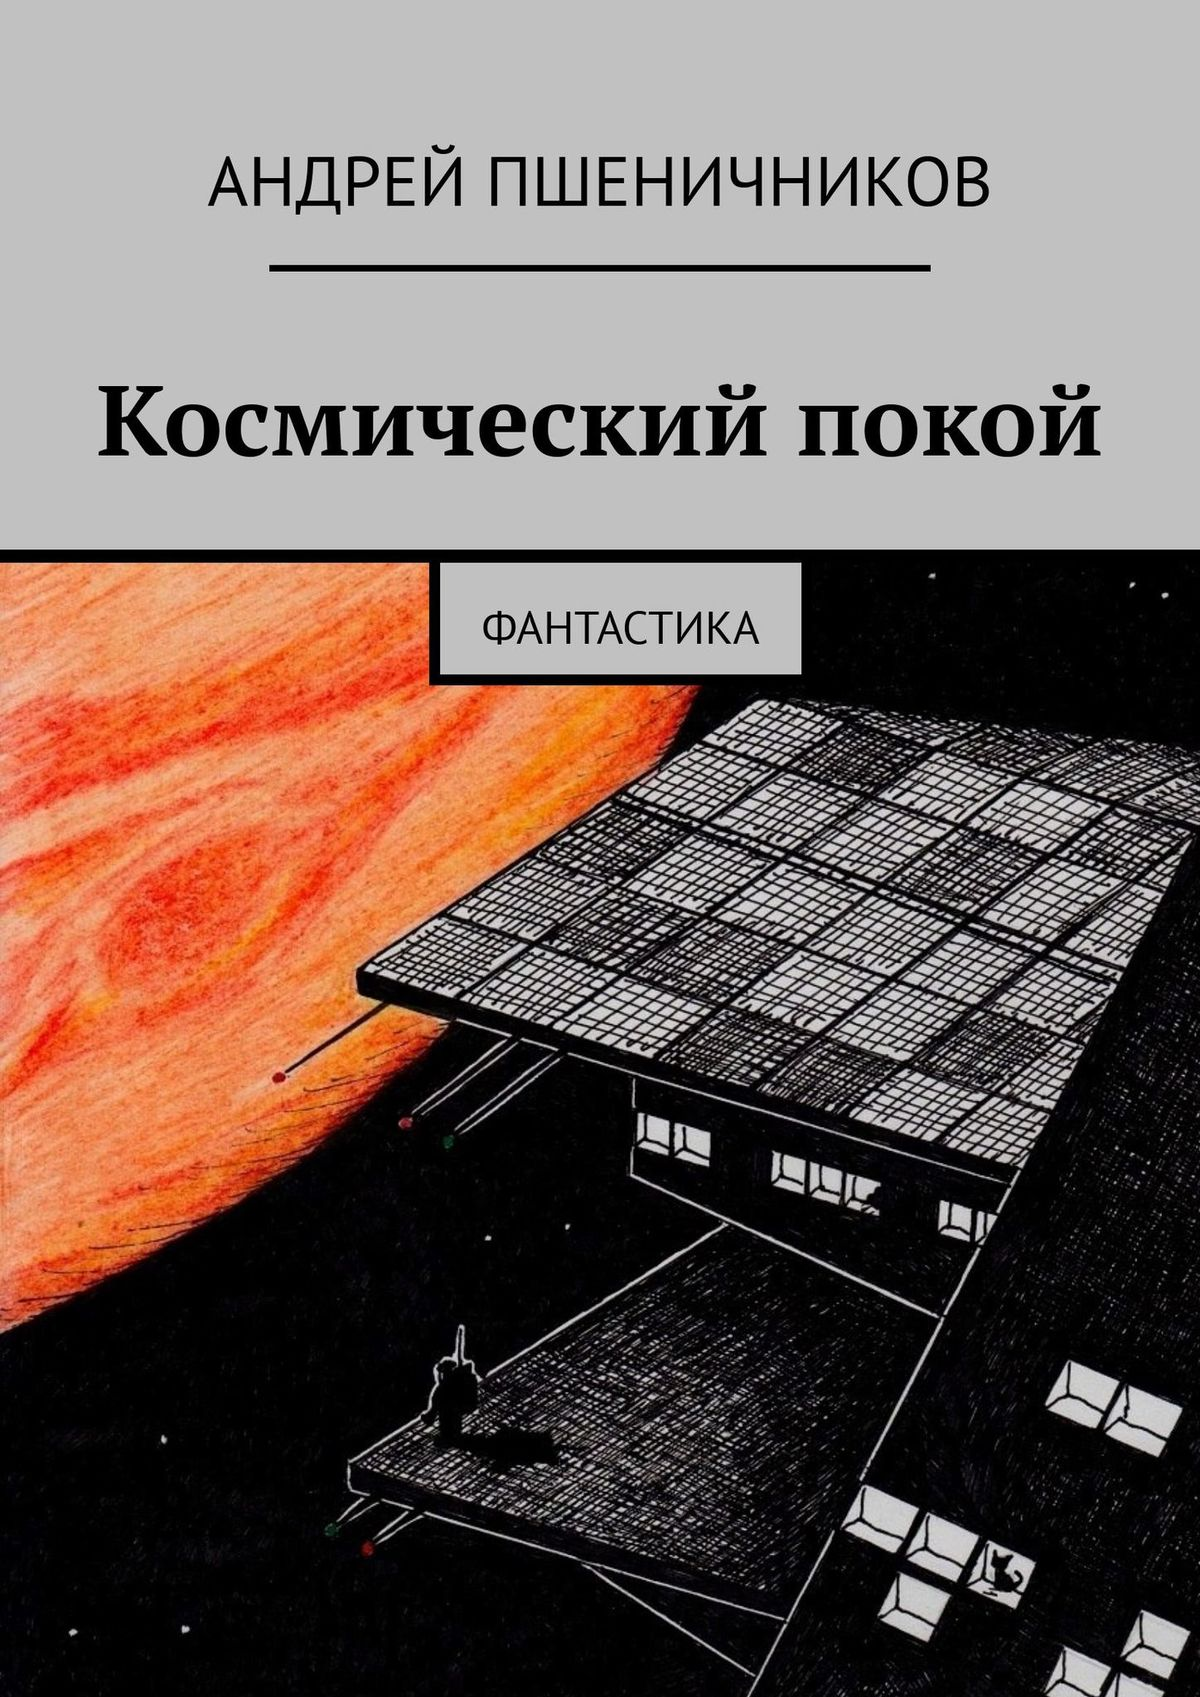 цена Андрей Пшеничников Космический покой. Фантастика